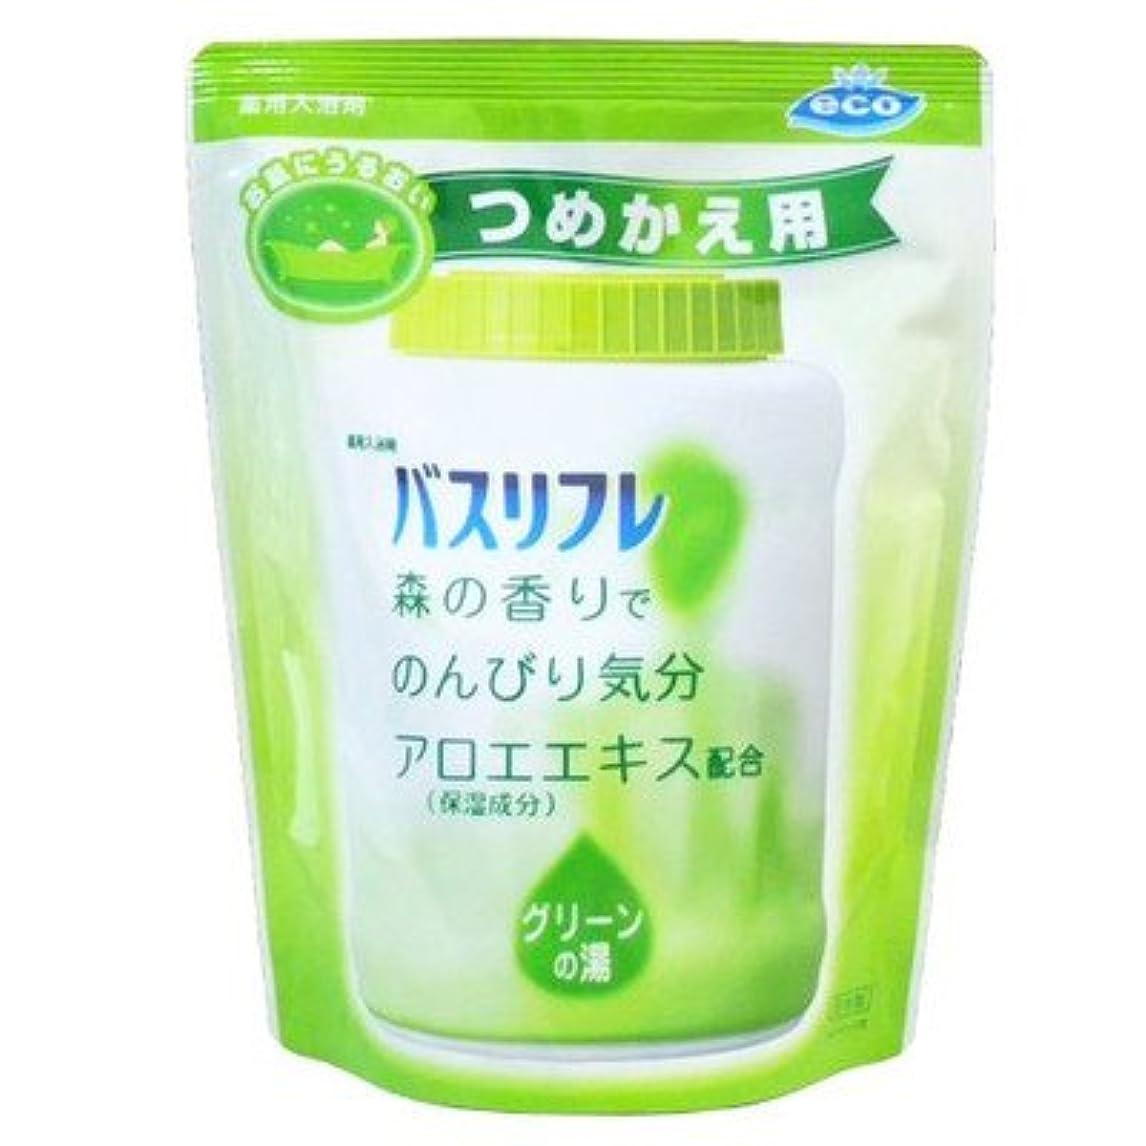 ひばり考える美人薬用入浴剤 バスリフレ グリーンの湯 つめかえ用 540g 森の香り (ライオンケミカル)